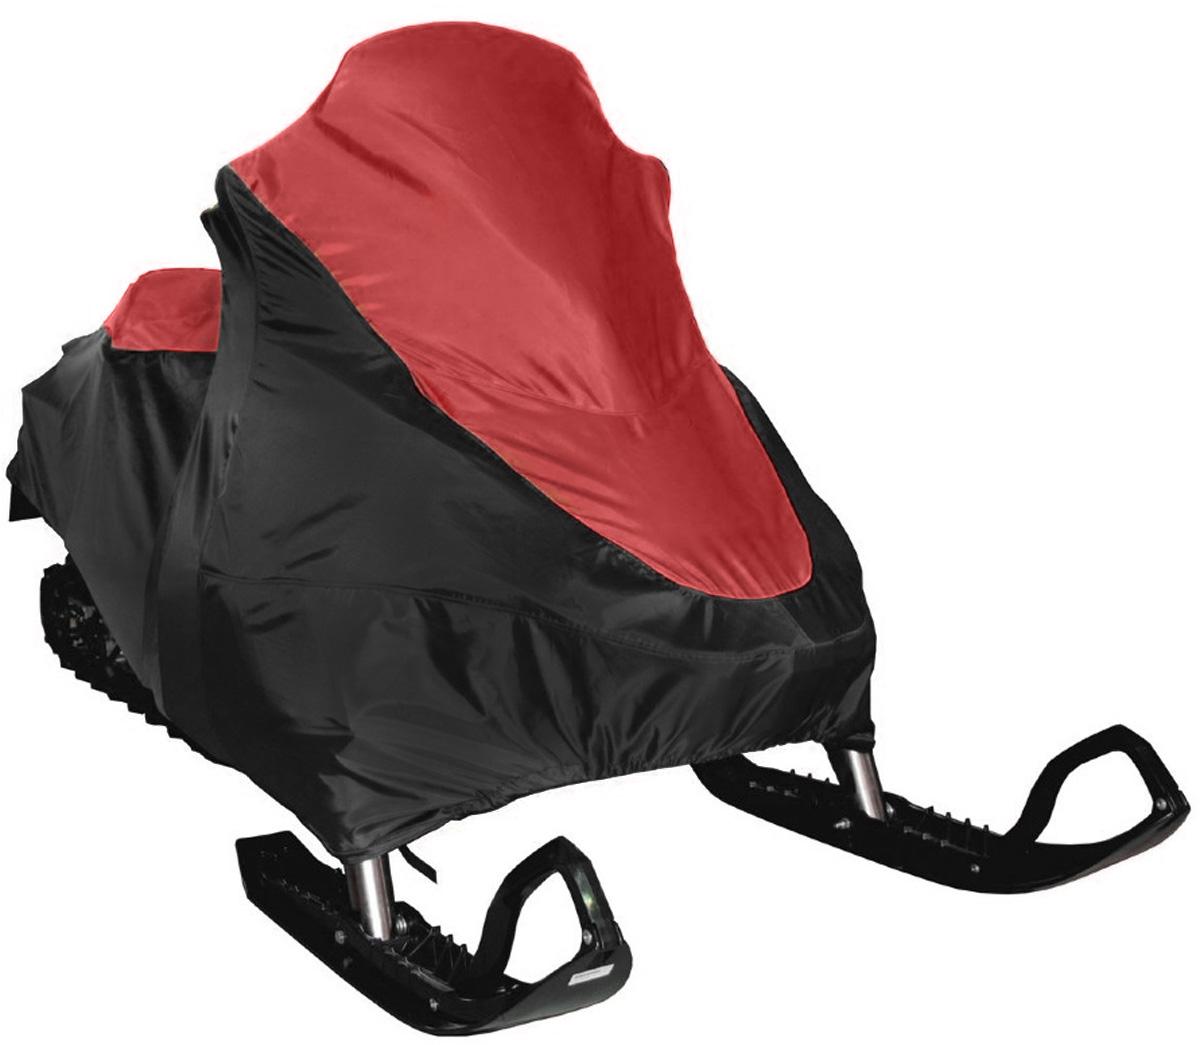 Чехол транспортировочный AG-brand, для снегохода Ski-Doo SKANDIC SWT 600, цвет: черный, красныйAG-Lynx-SMB-69Yetir-TCЧехол для транспортировки AG-brand предназначен для снегохода Ski-Doo SKANDIC SWT 600. Изделие выполнено из прочной влагоотталкивающей ткани плотностью 600 Den, с применением армированных ниток. По нижней кромке чехла вшита плотная резинка, обеспечивающая надежную фиксацию на снегоходе.В комплект транспортировочного чехла входит прочная текстильная стропа для крепления техники в прицепе или специальном боксе для перевозки.